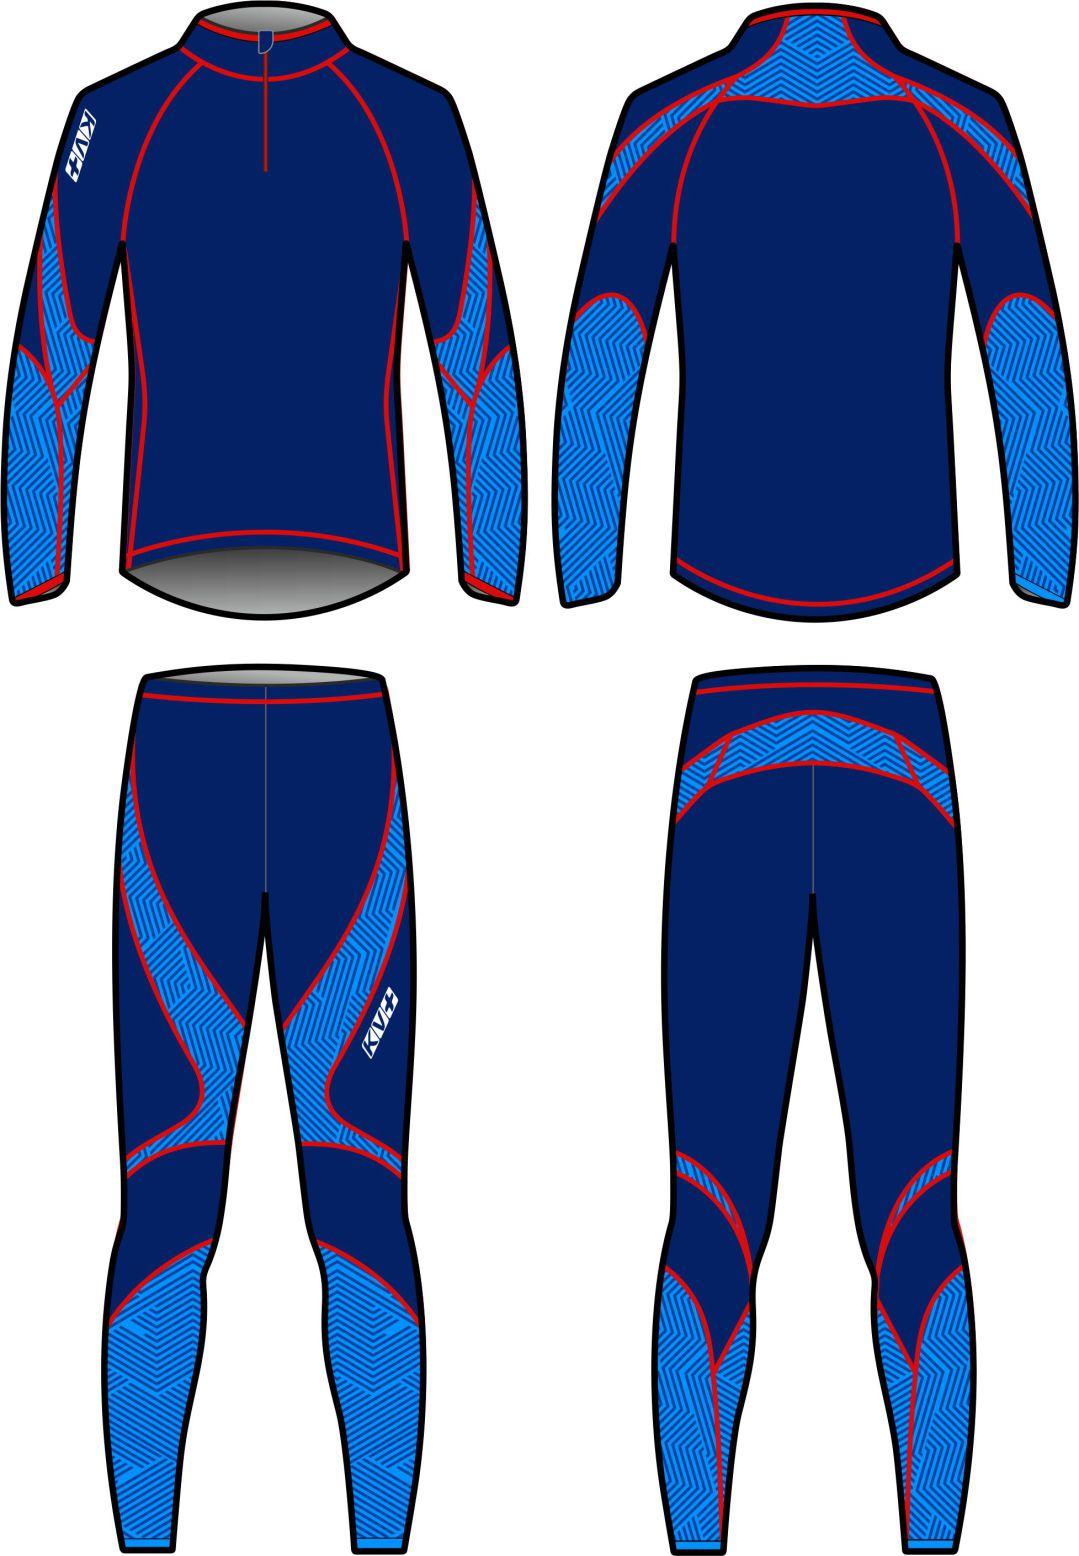 LAHTI TWO PIECES SUIT UNISEX (purple/blue)